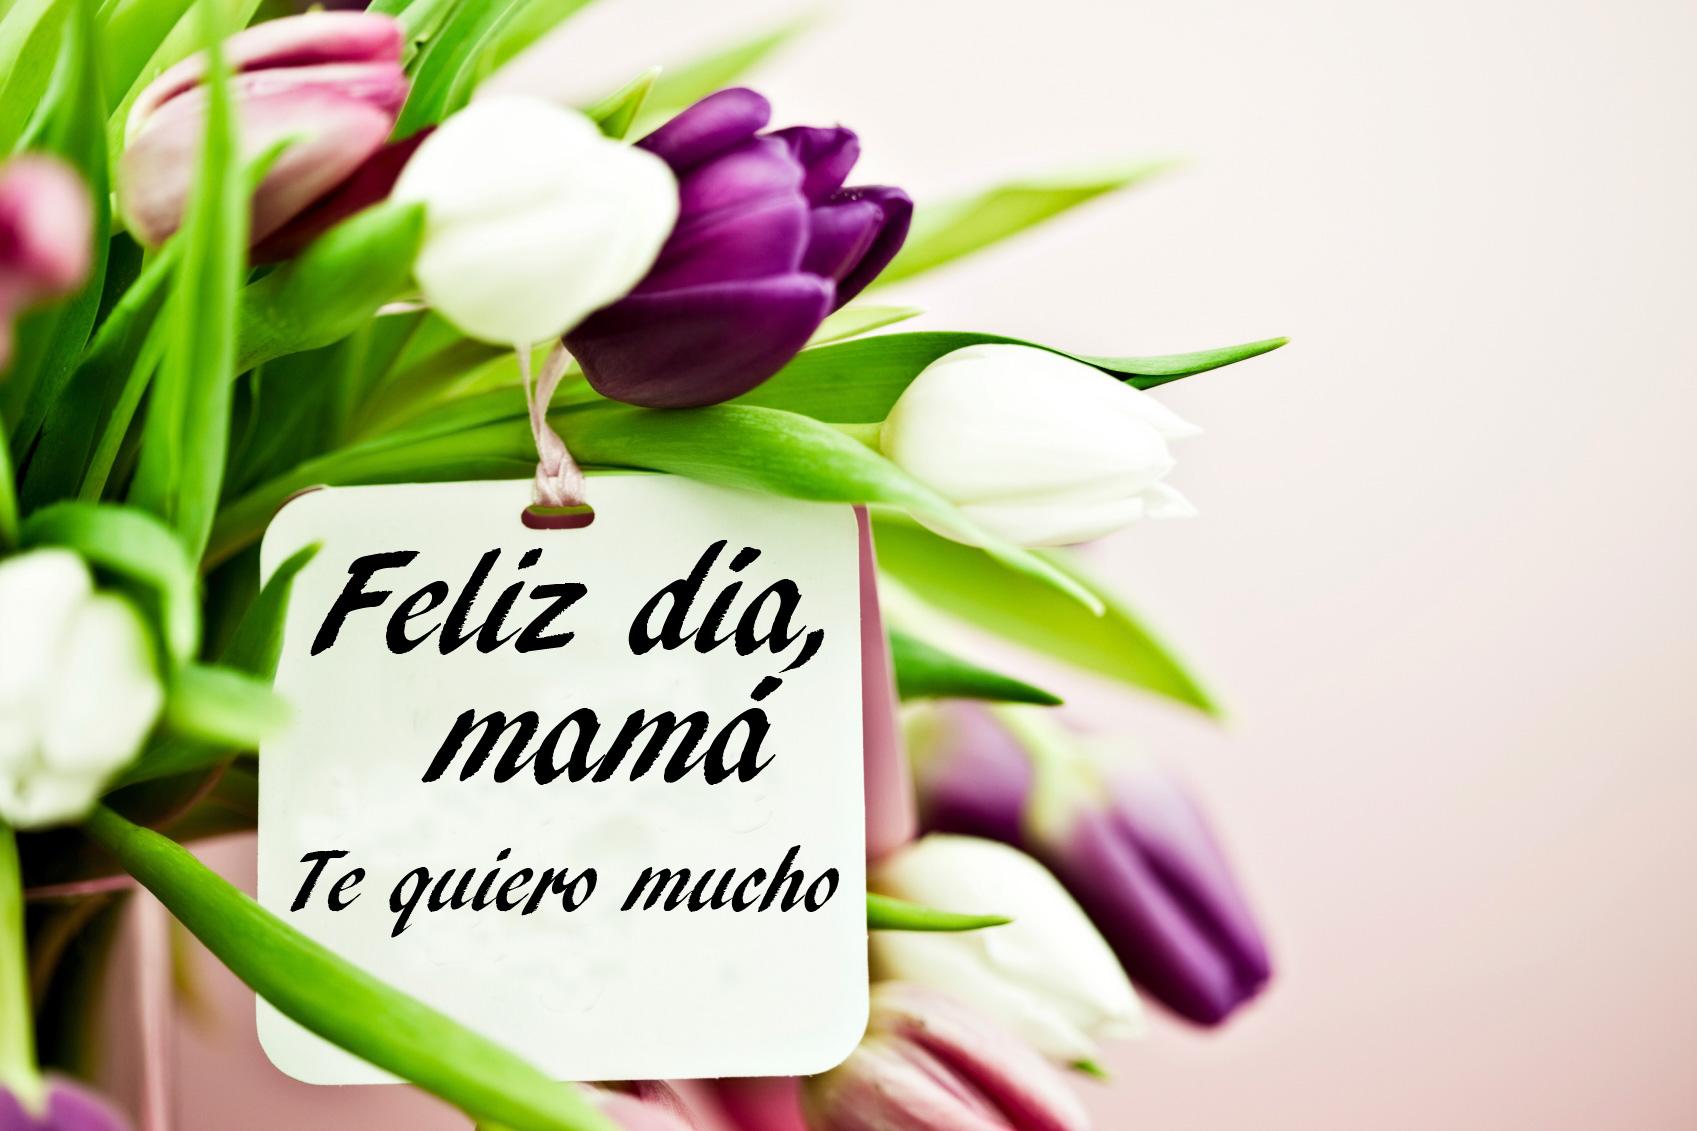 Tarjetas Dia de la Madre para enviar e imprimir gratis